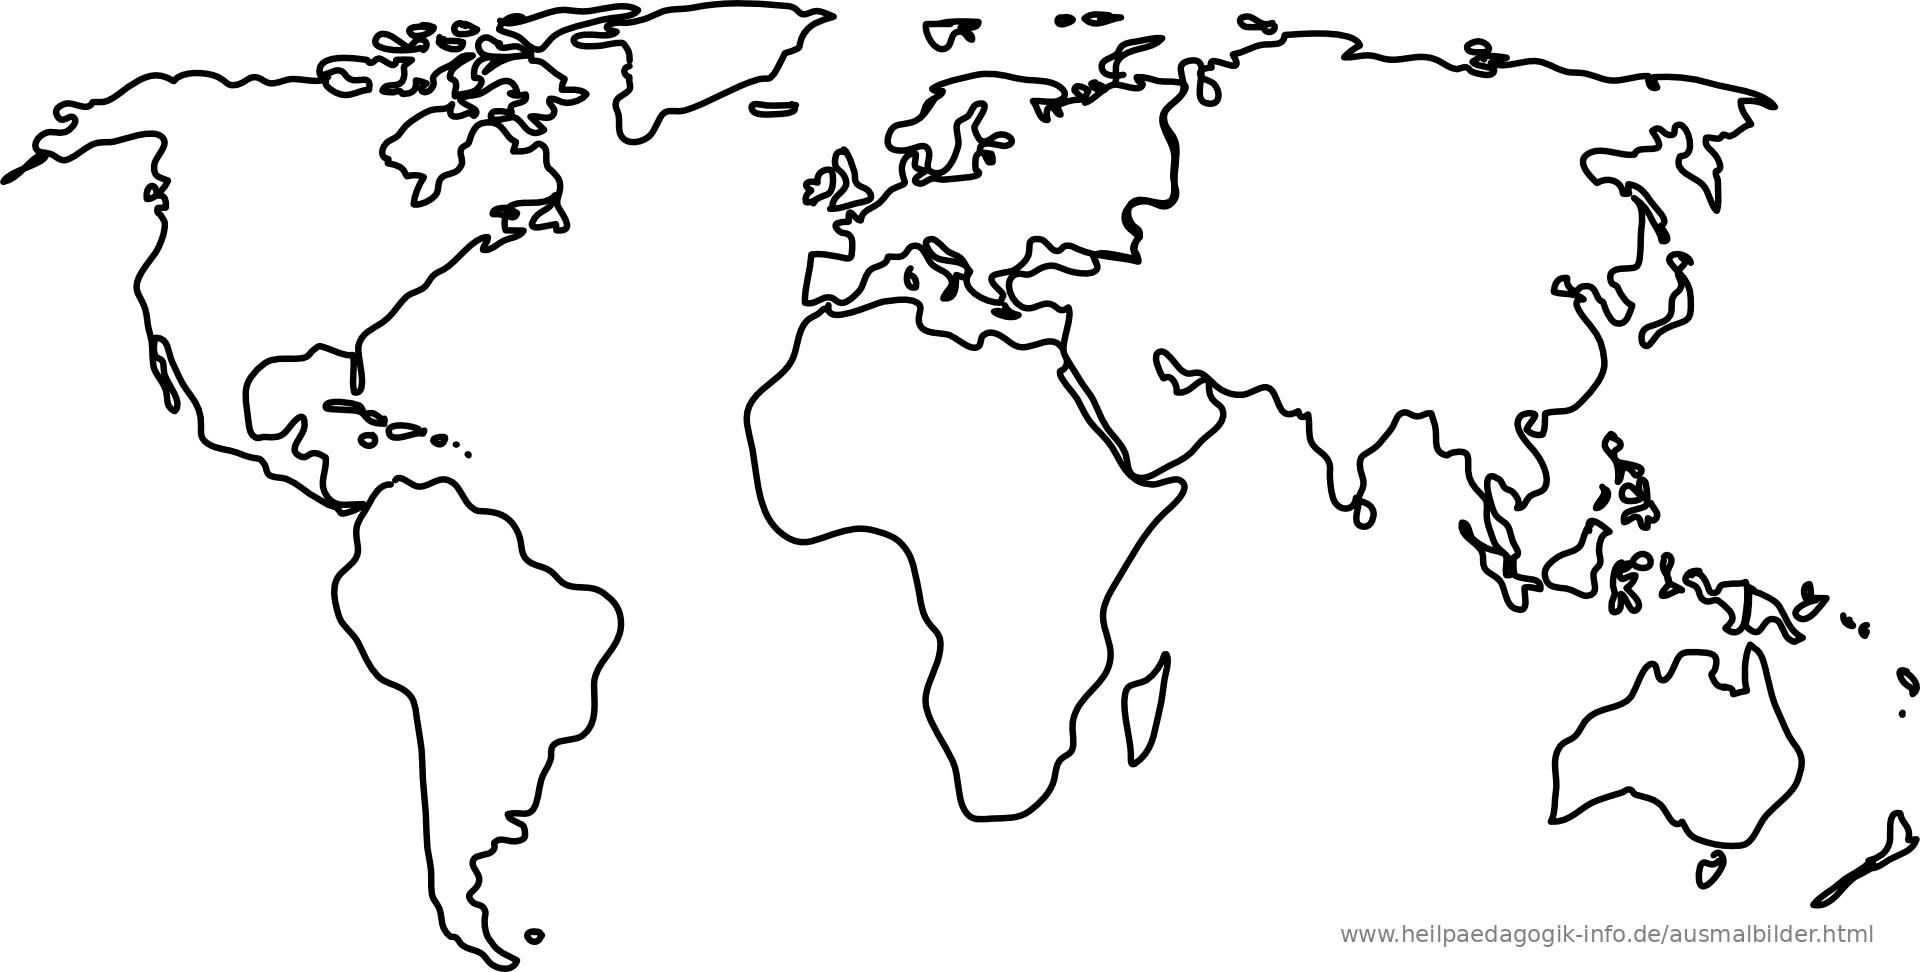 Fein Karte Von Usa Malvorlagen Ideen - Beispiel Anschreiben für ...